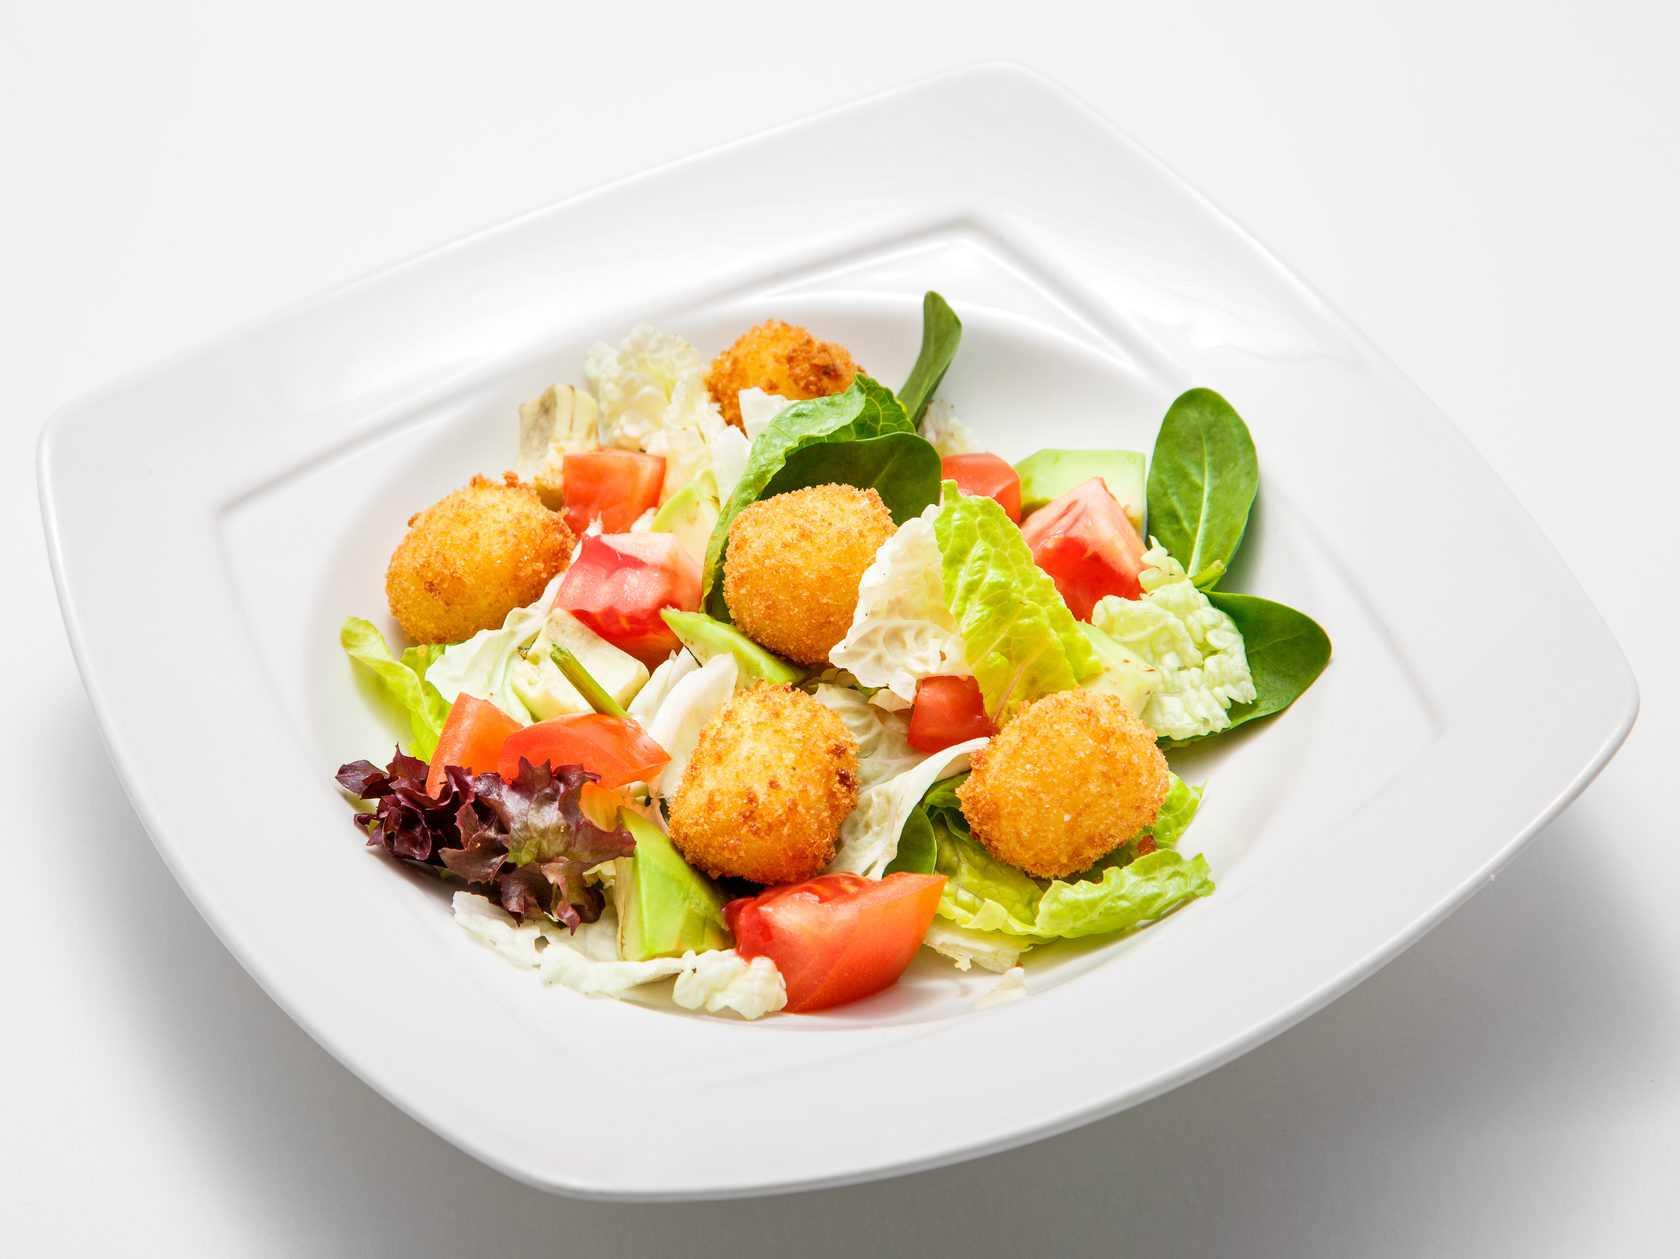 Рецепт салата с адыгейским сыром, помидорами, крабовыми палочками и другими ингредиентами